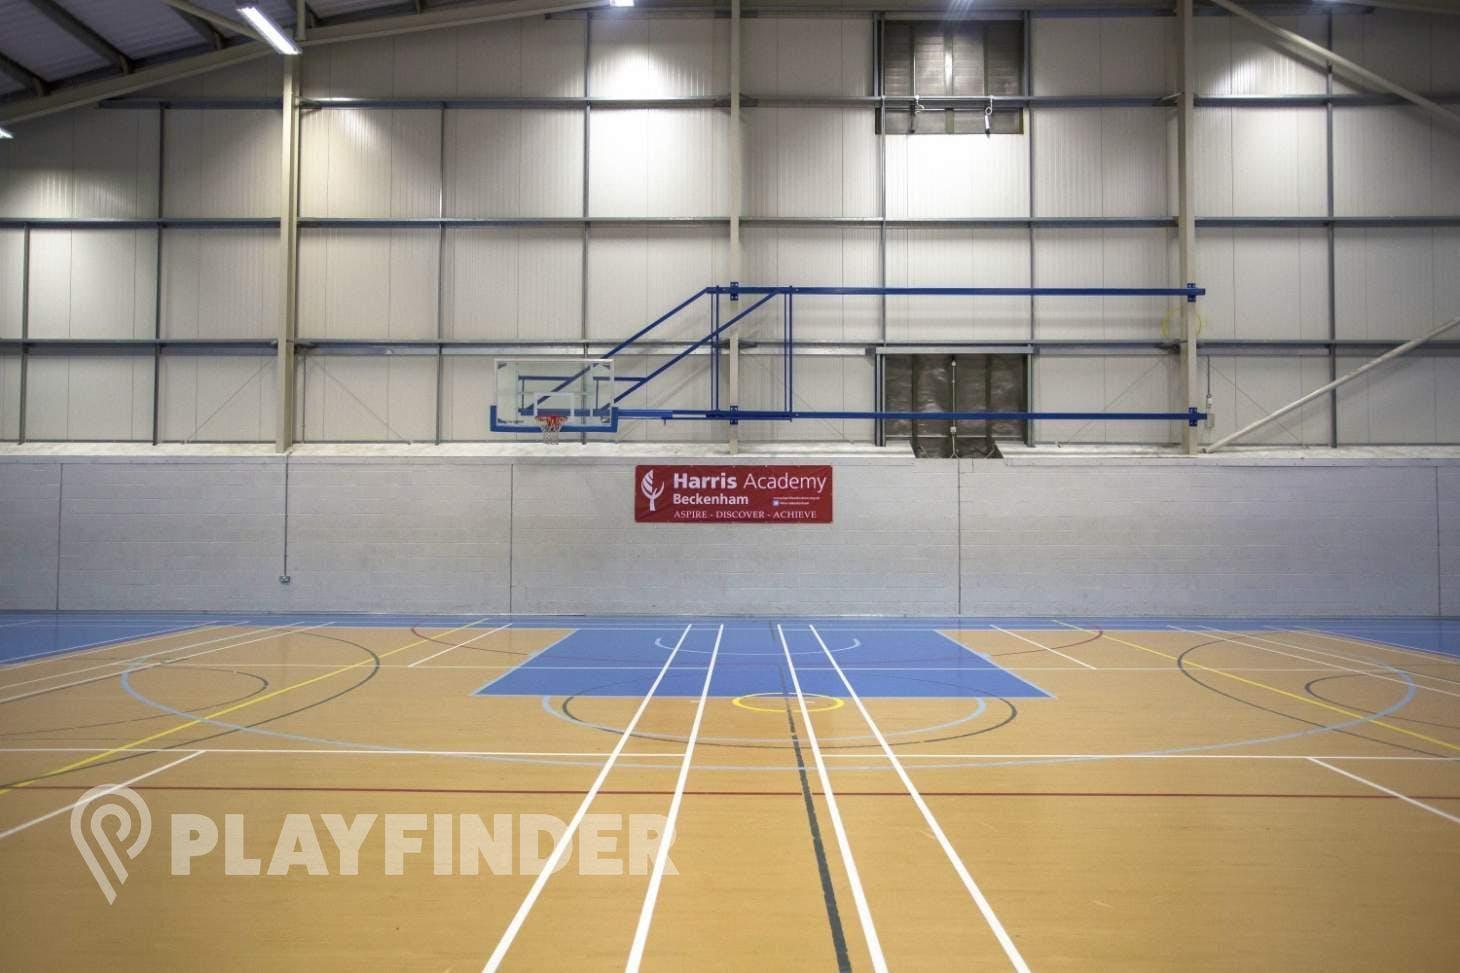 Harris Academy Beckenham Indoor tennis court